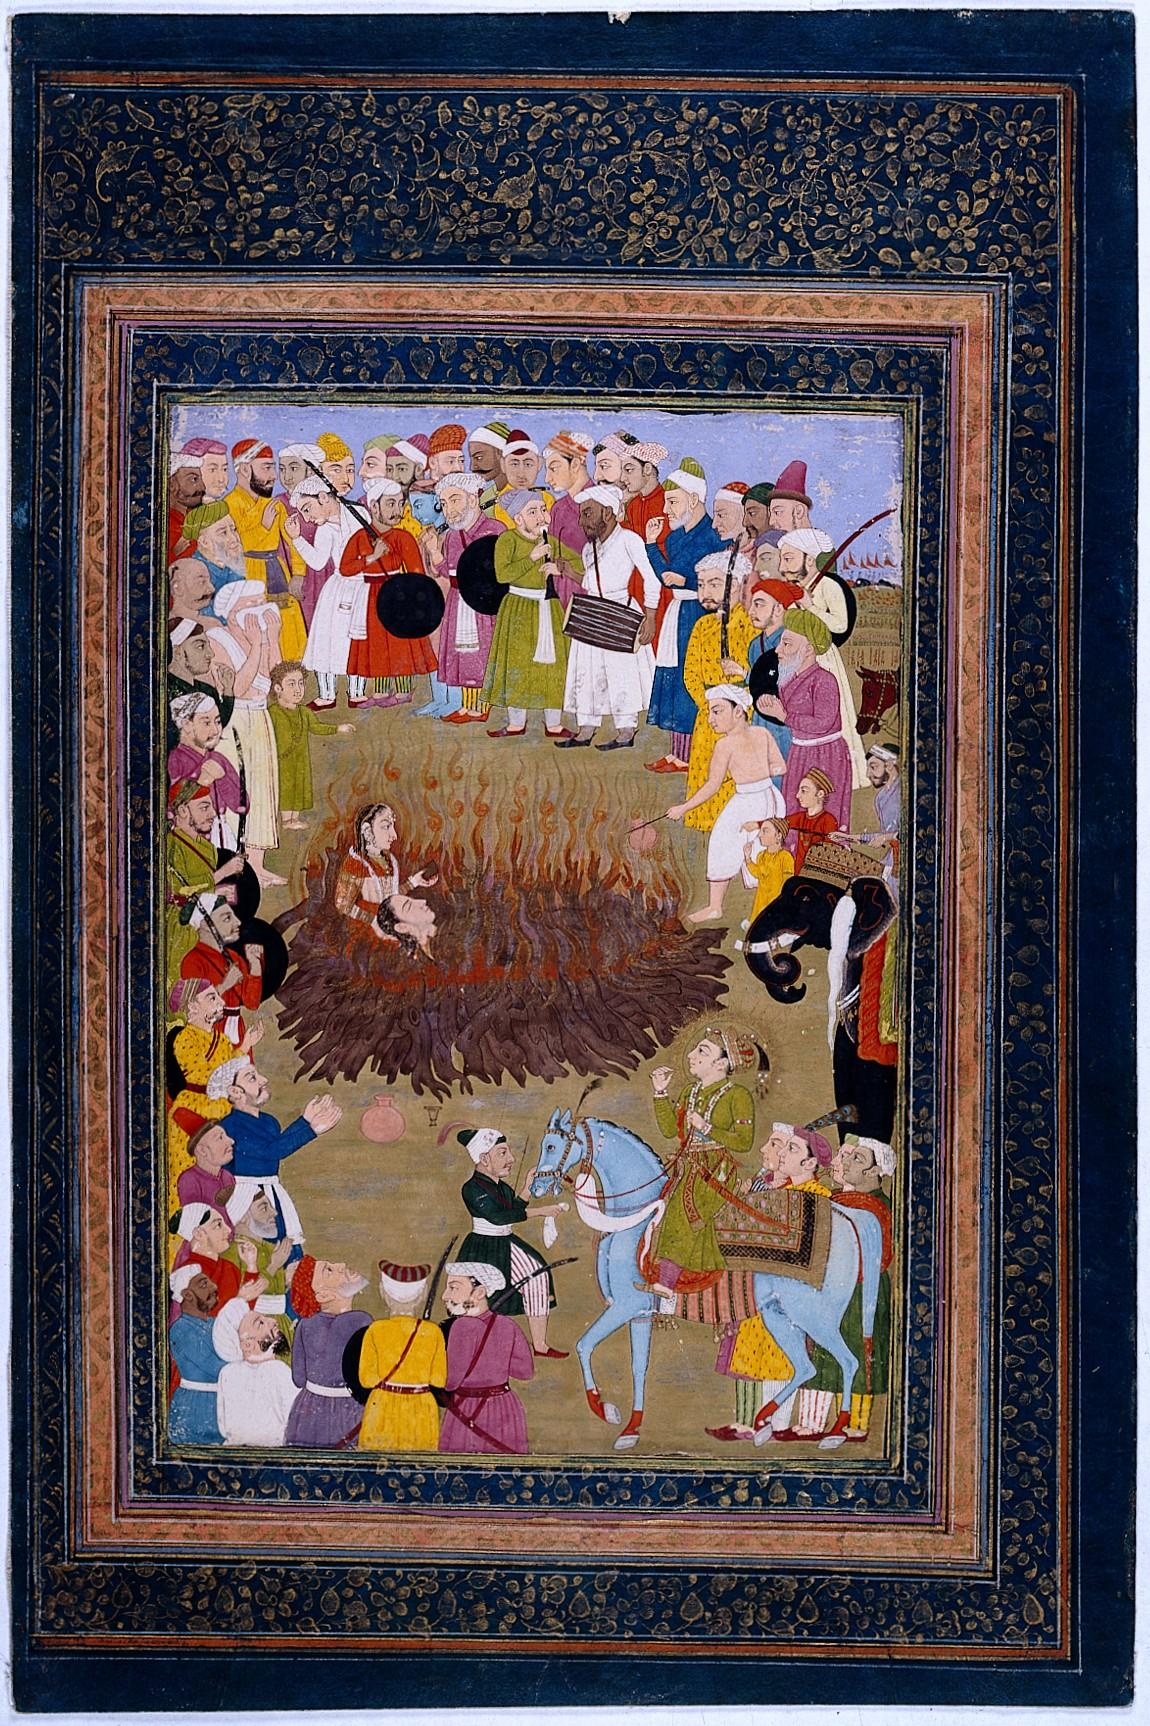 Сати, самосожжение вдов в Индии